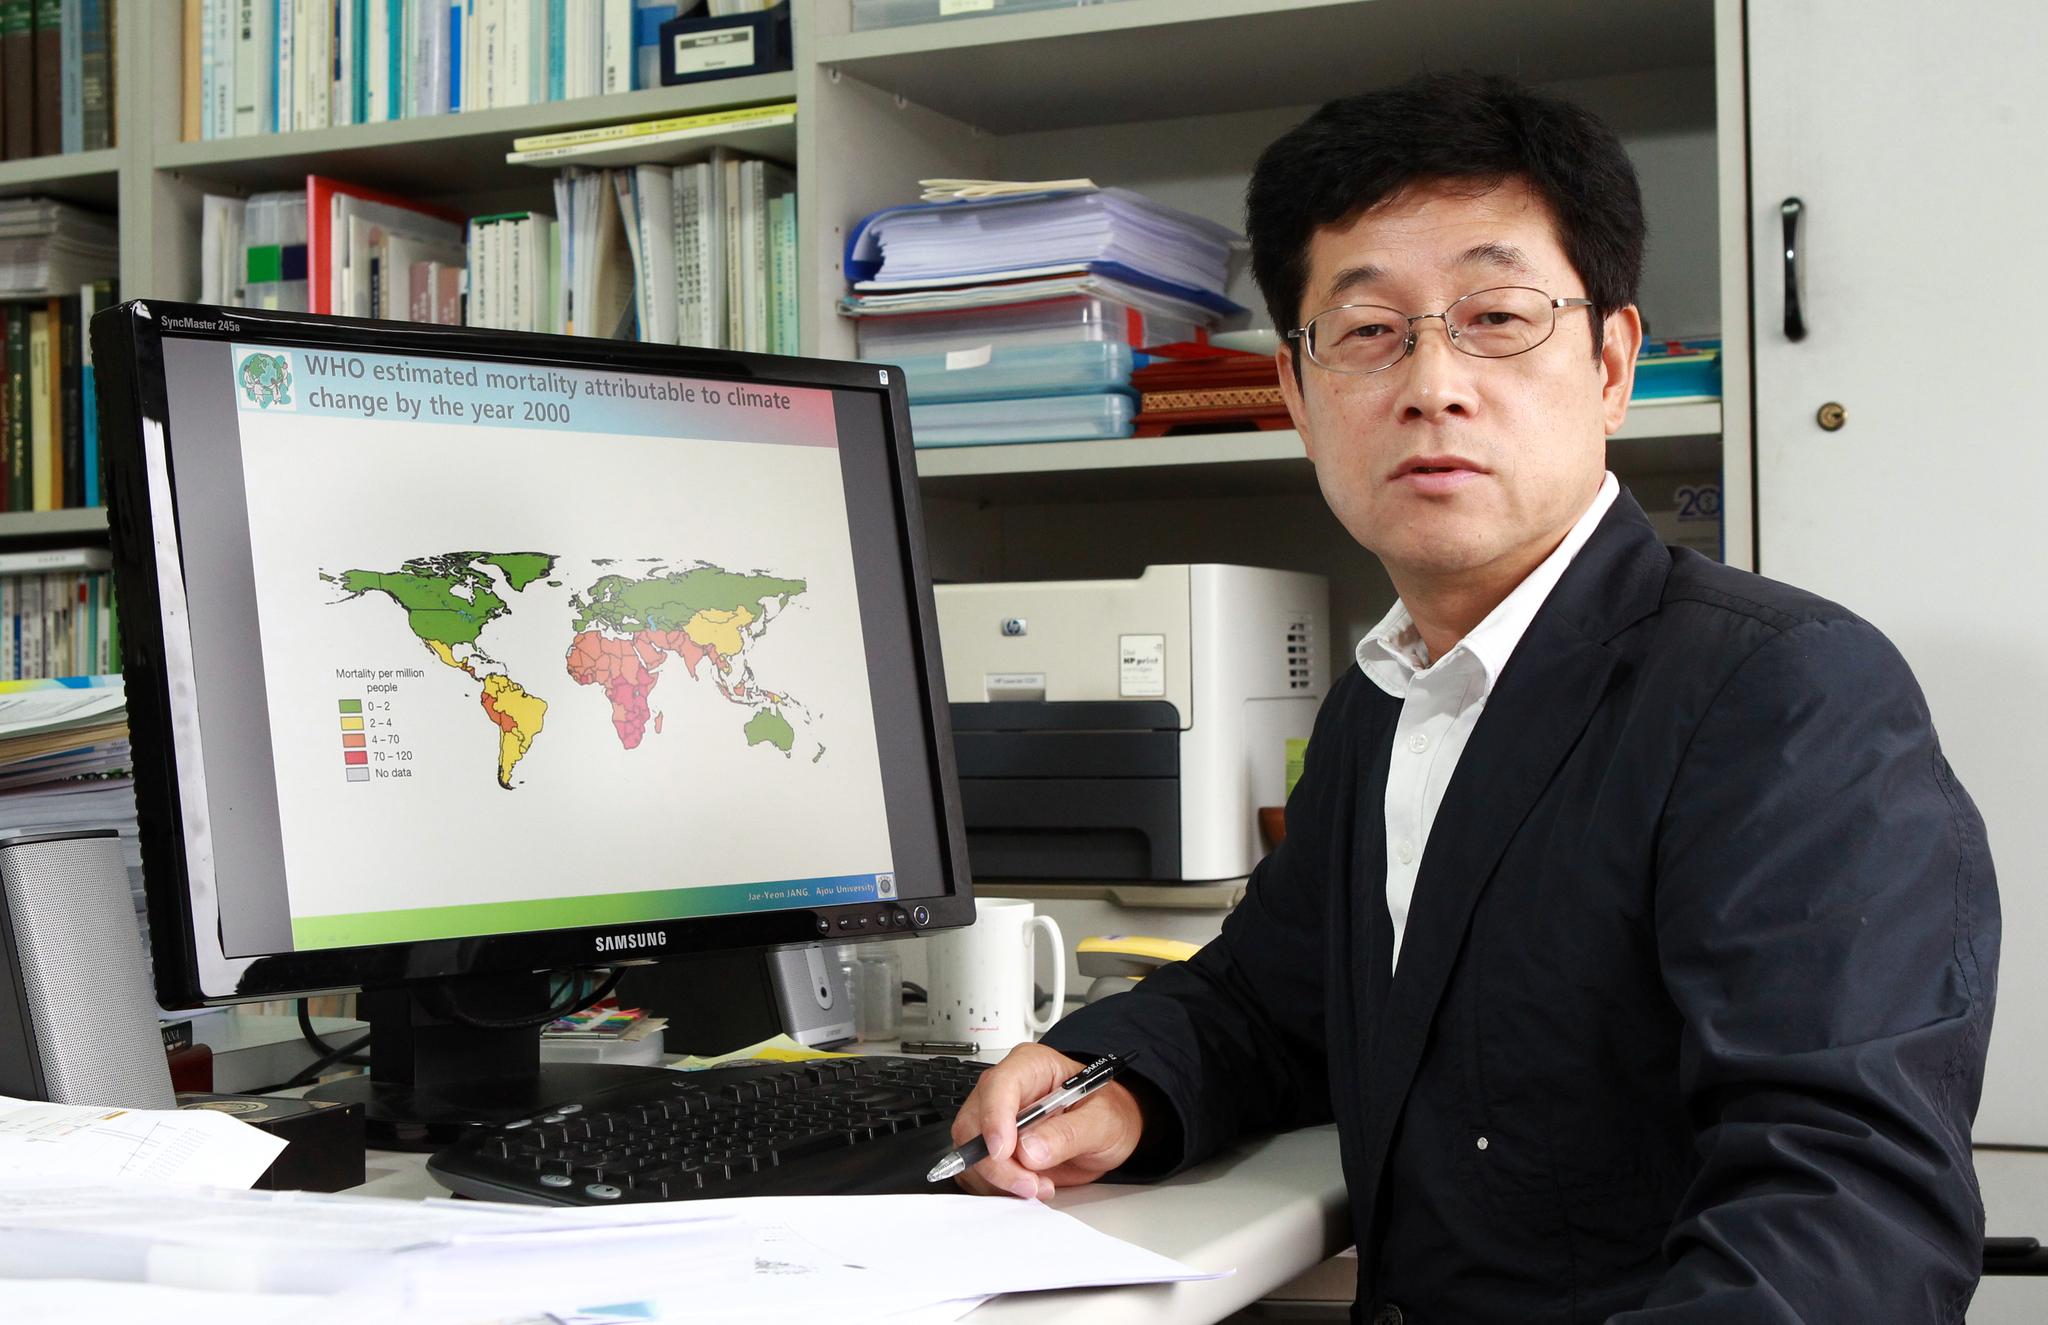 아주대 예방의학과 장재연 교수. 그는 환경운동연합 공동대표도 겸하고 있다. [중앙포토]